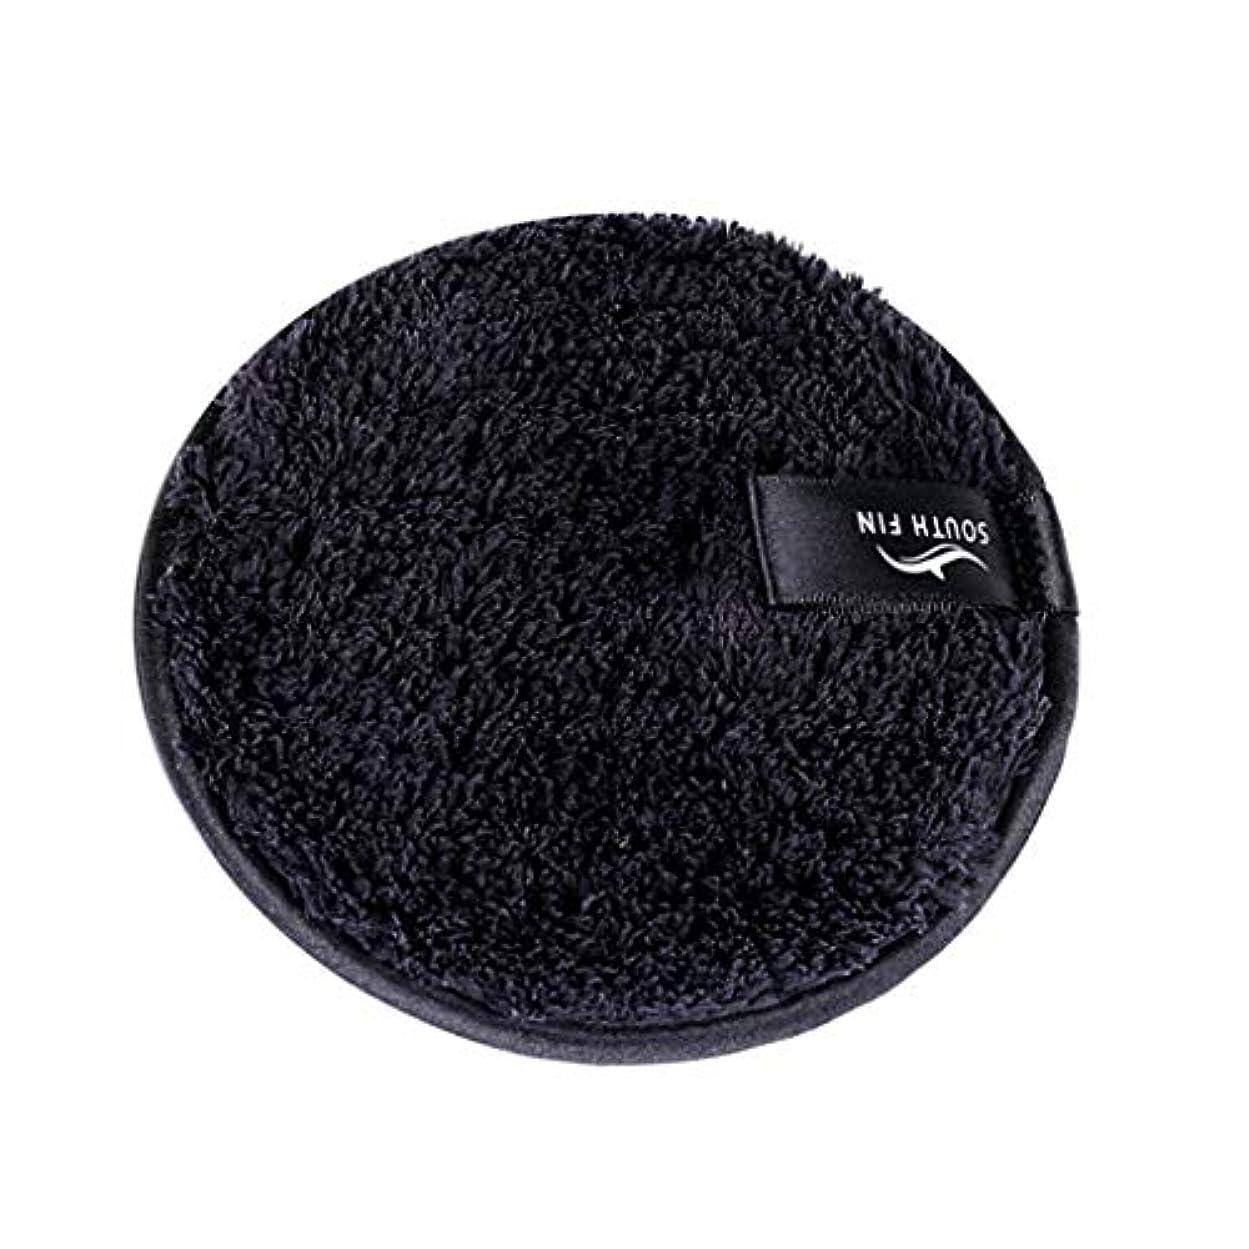 貼り直す論争的渦D DOLITY メイクリムーバー スポンジ パッド クレンジングパフ 洗顔 スキンケア 3色選べ - ブラック